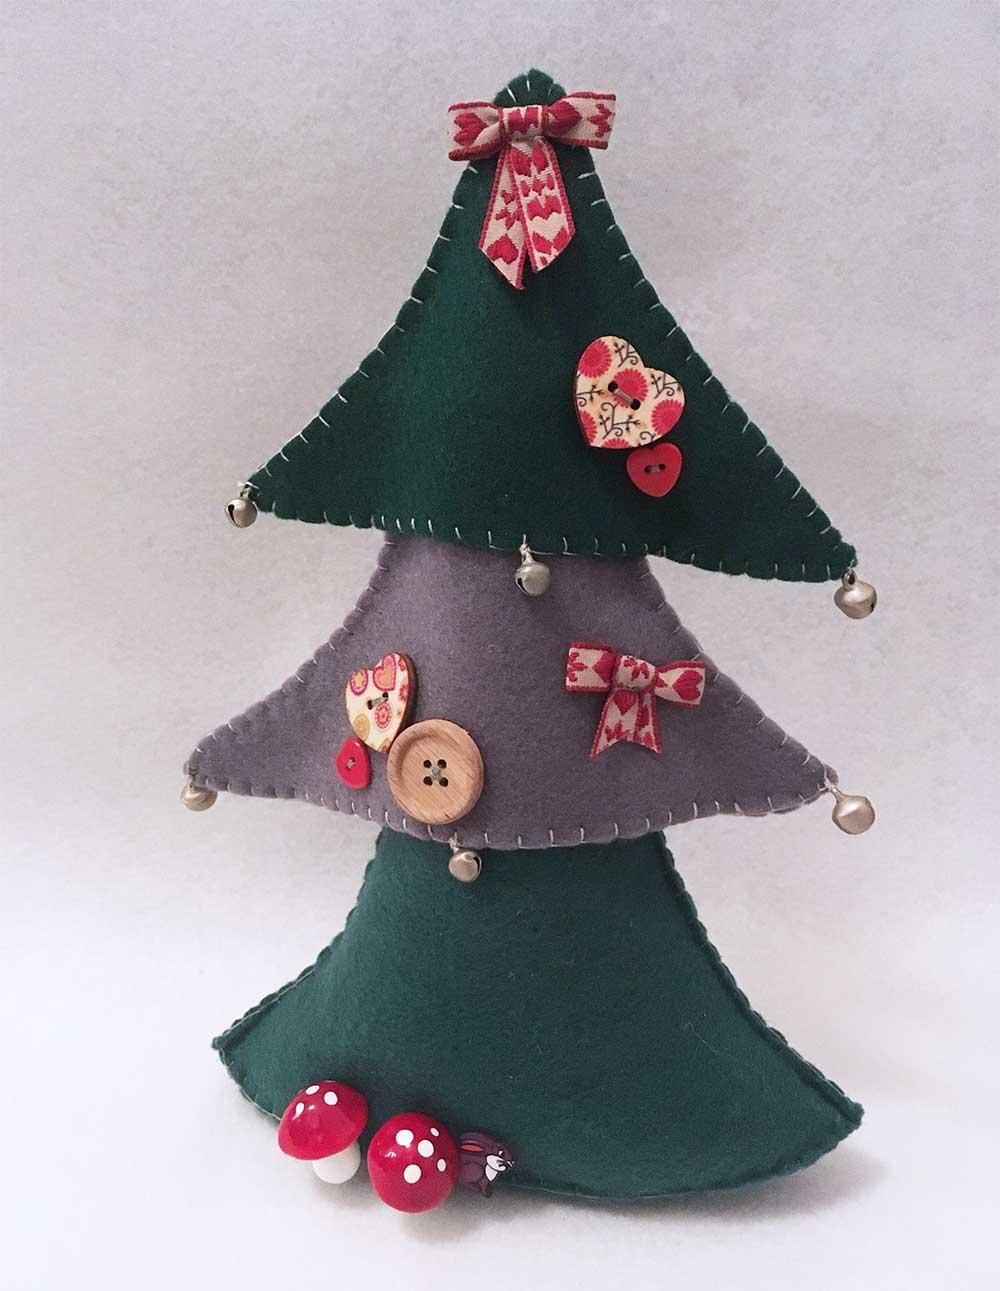 ... Layered Christmas Tree Sewing Pattern Free ...